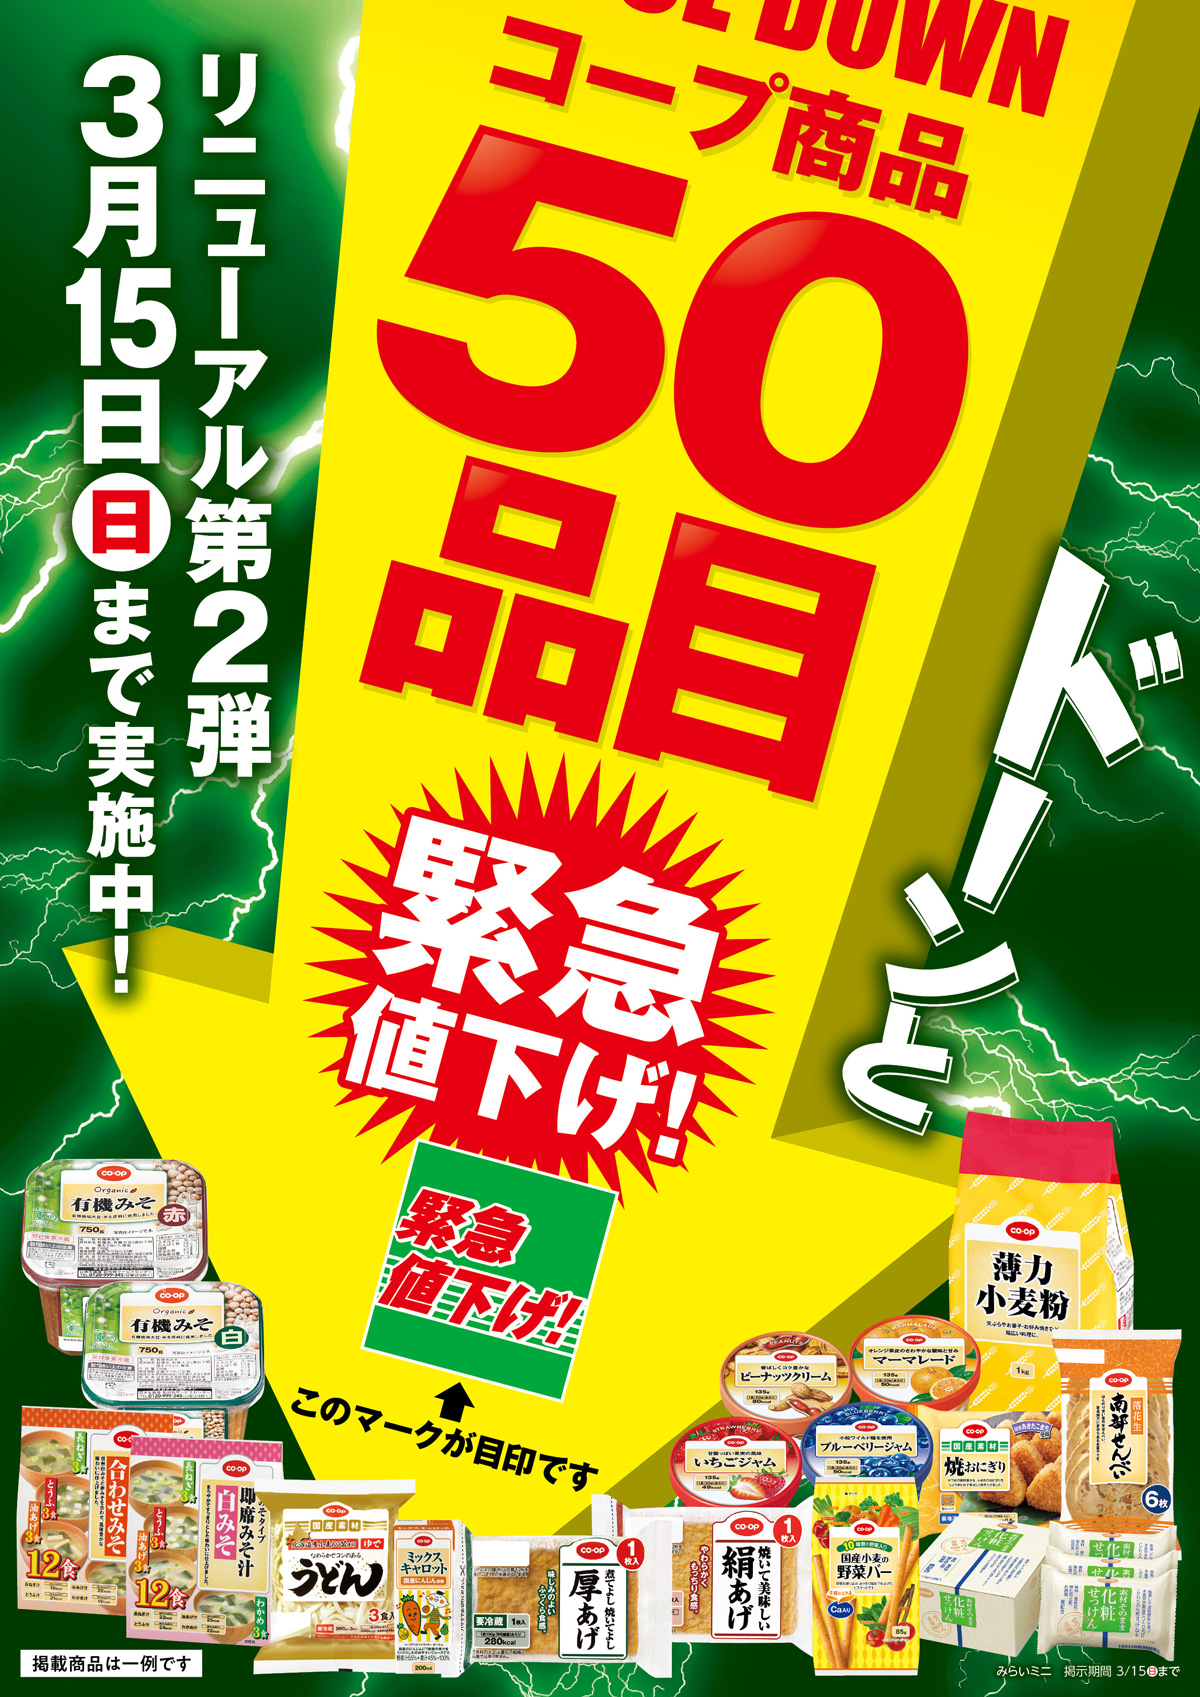 コープみらいより告知!!コープ商品ドーンと50品目緊急値下げ!